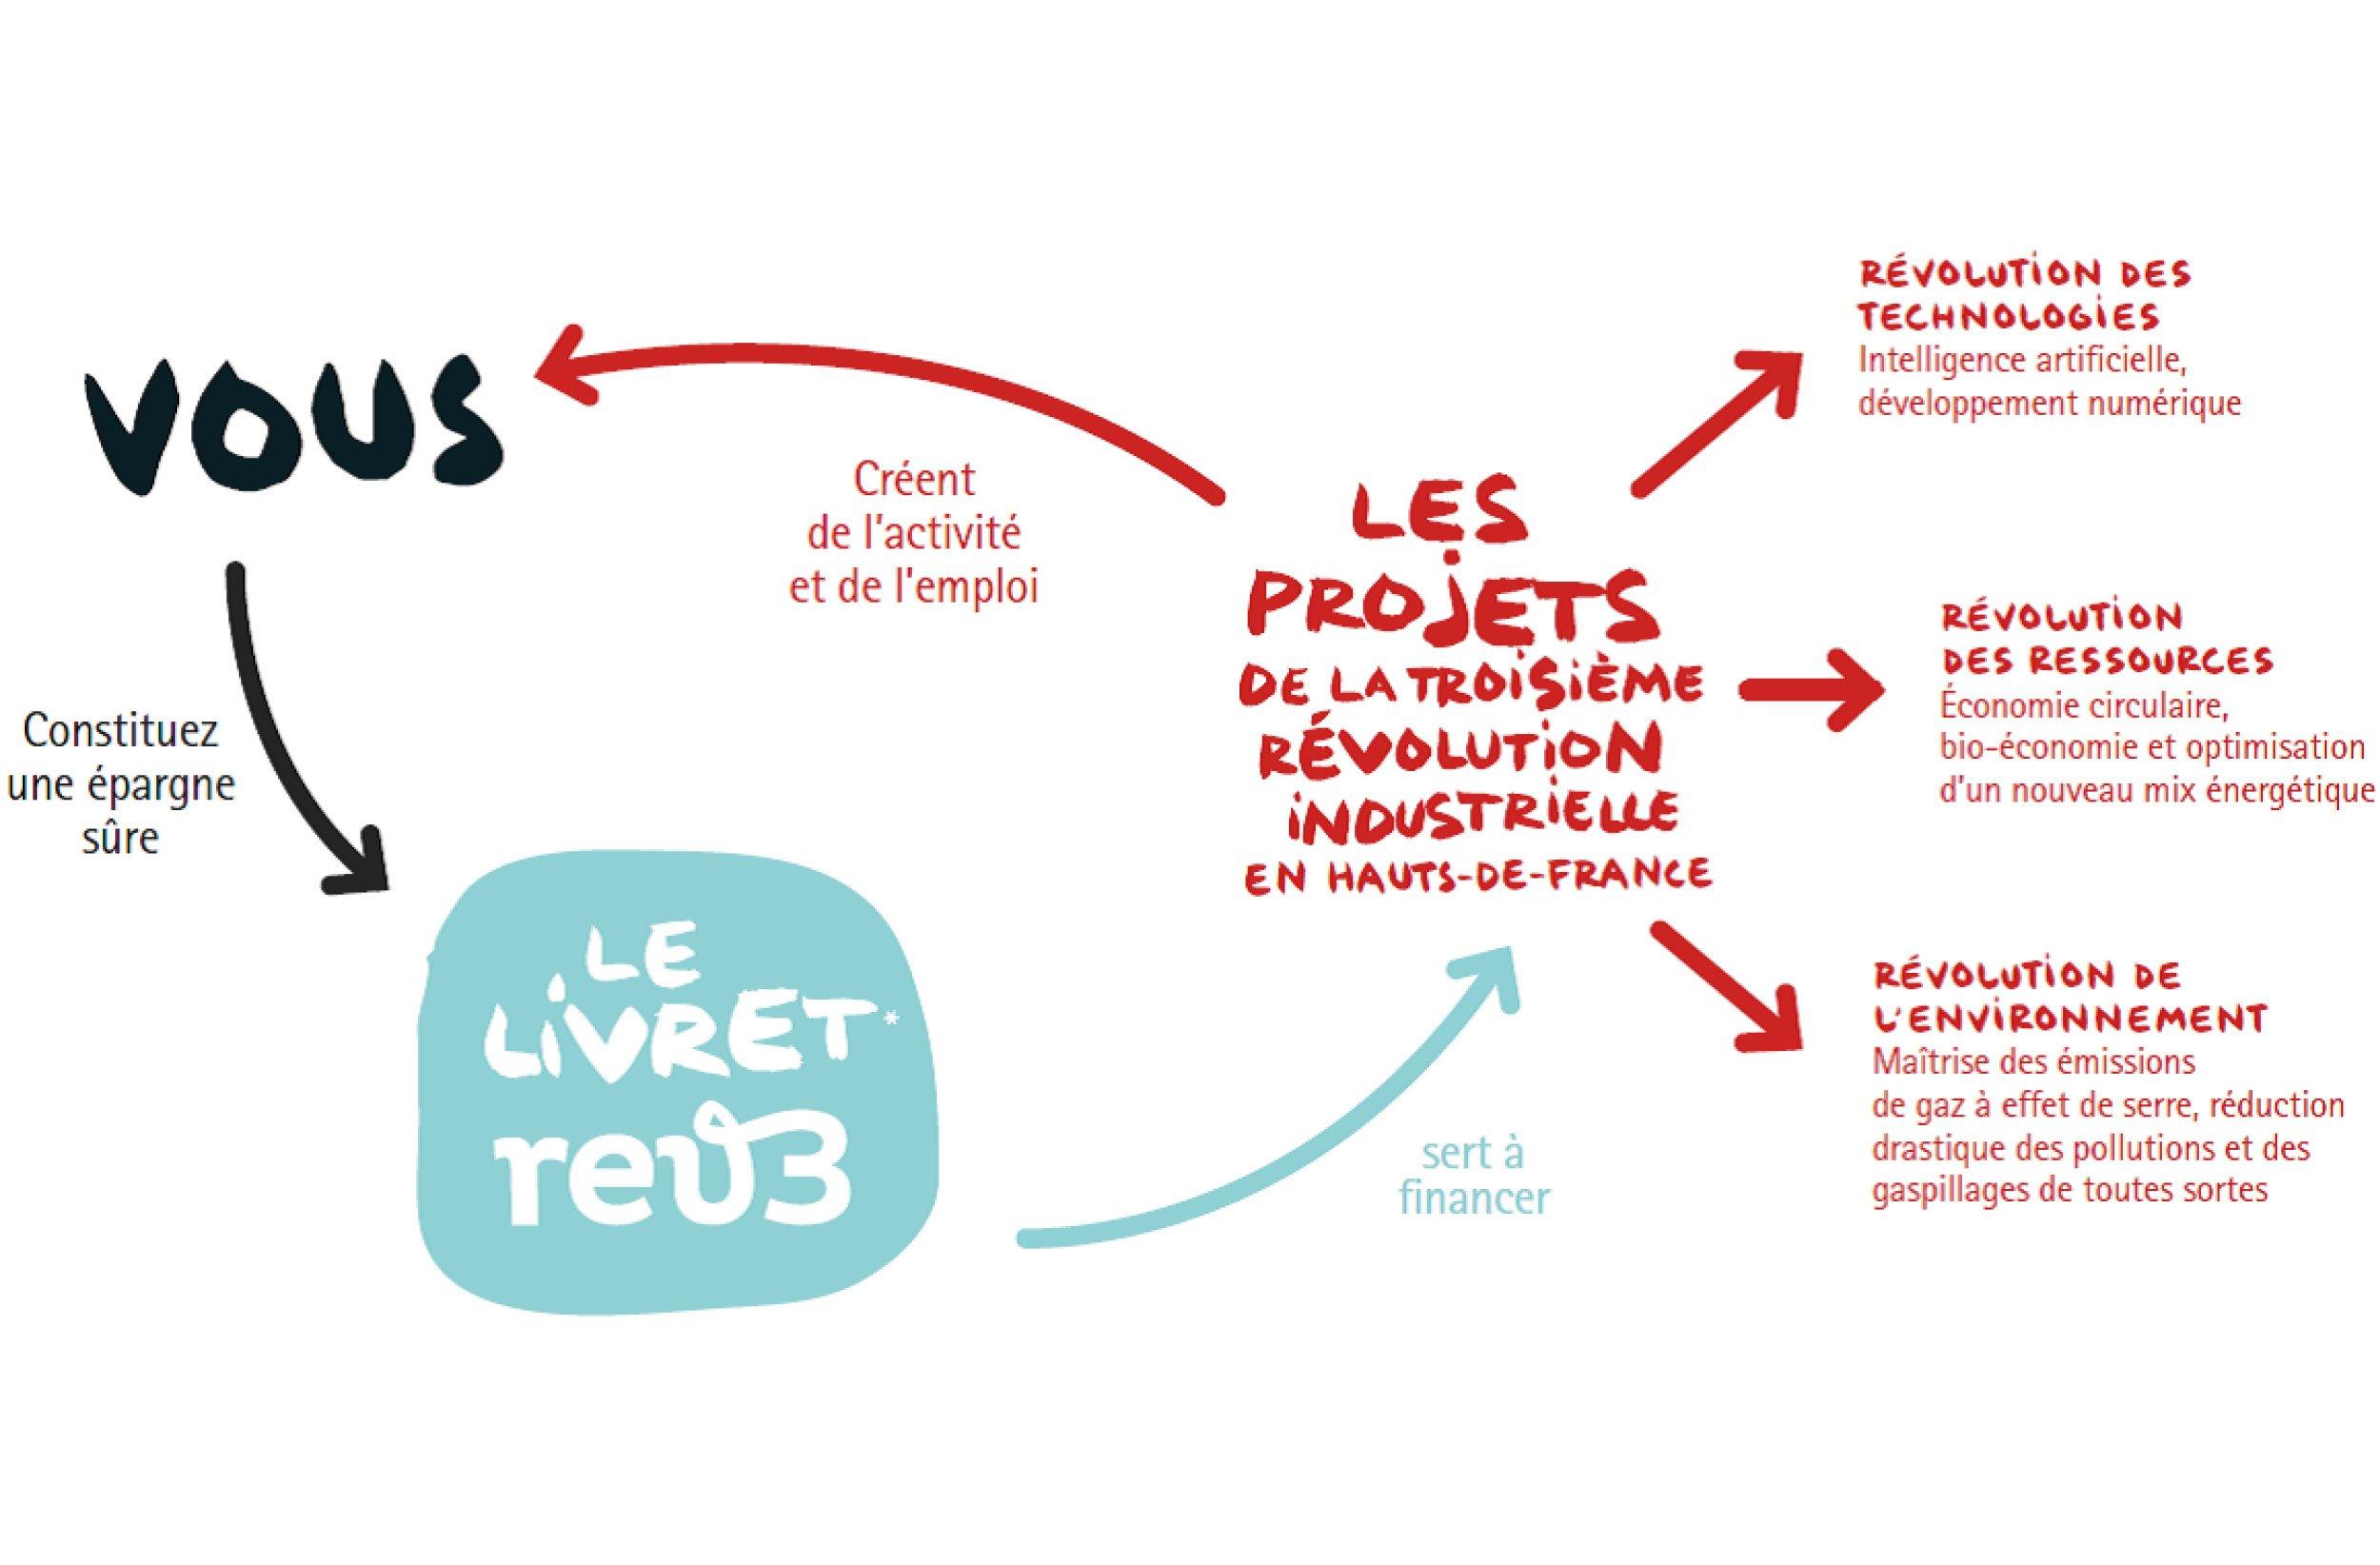 livret rev3 pour financer des projets ecolo